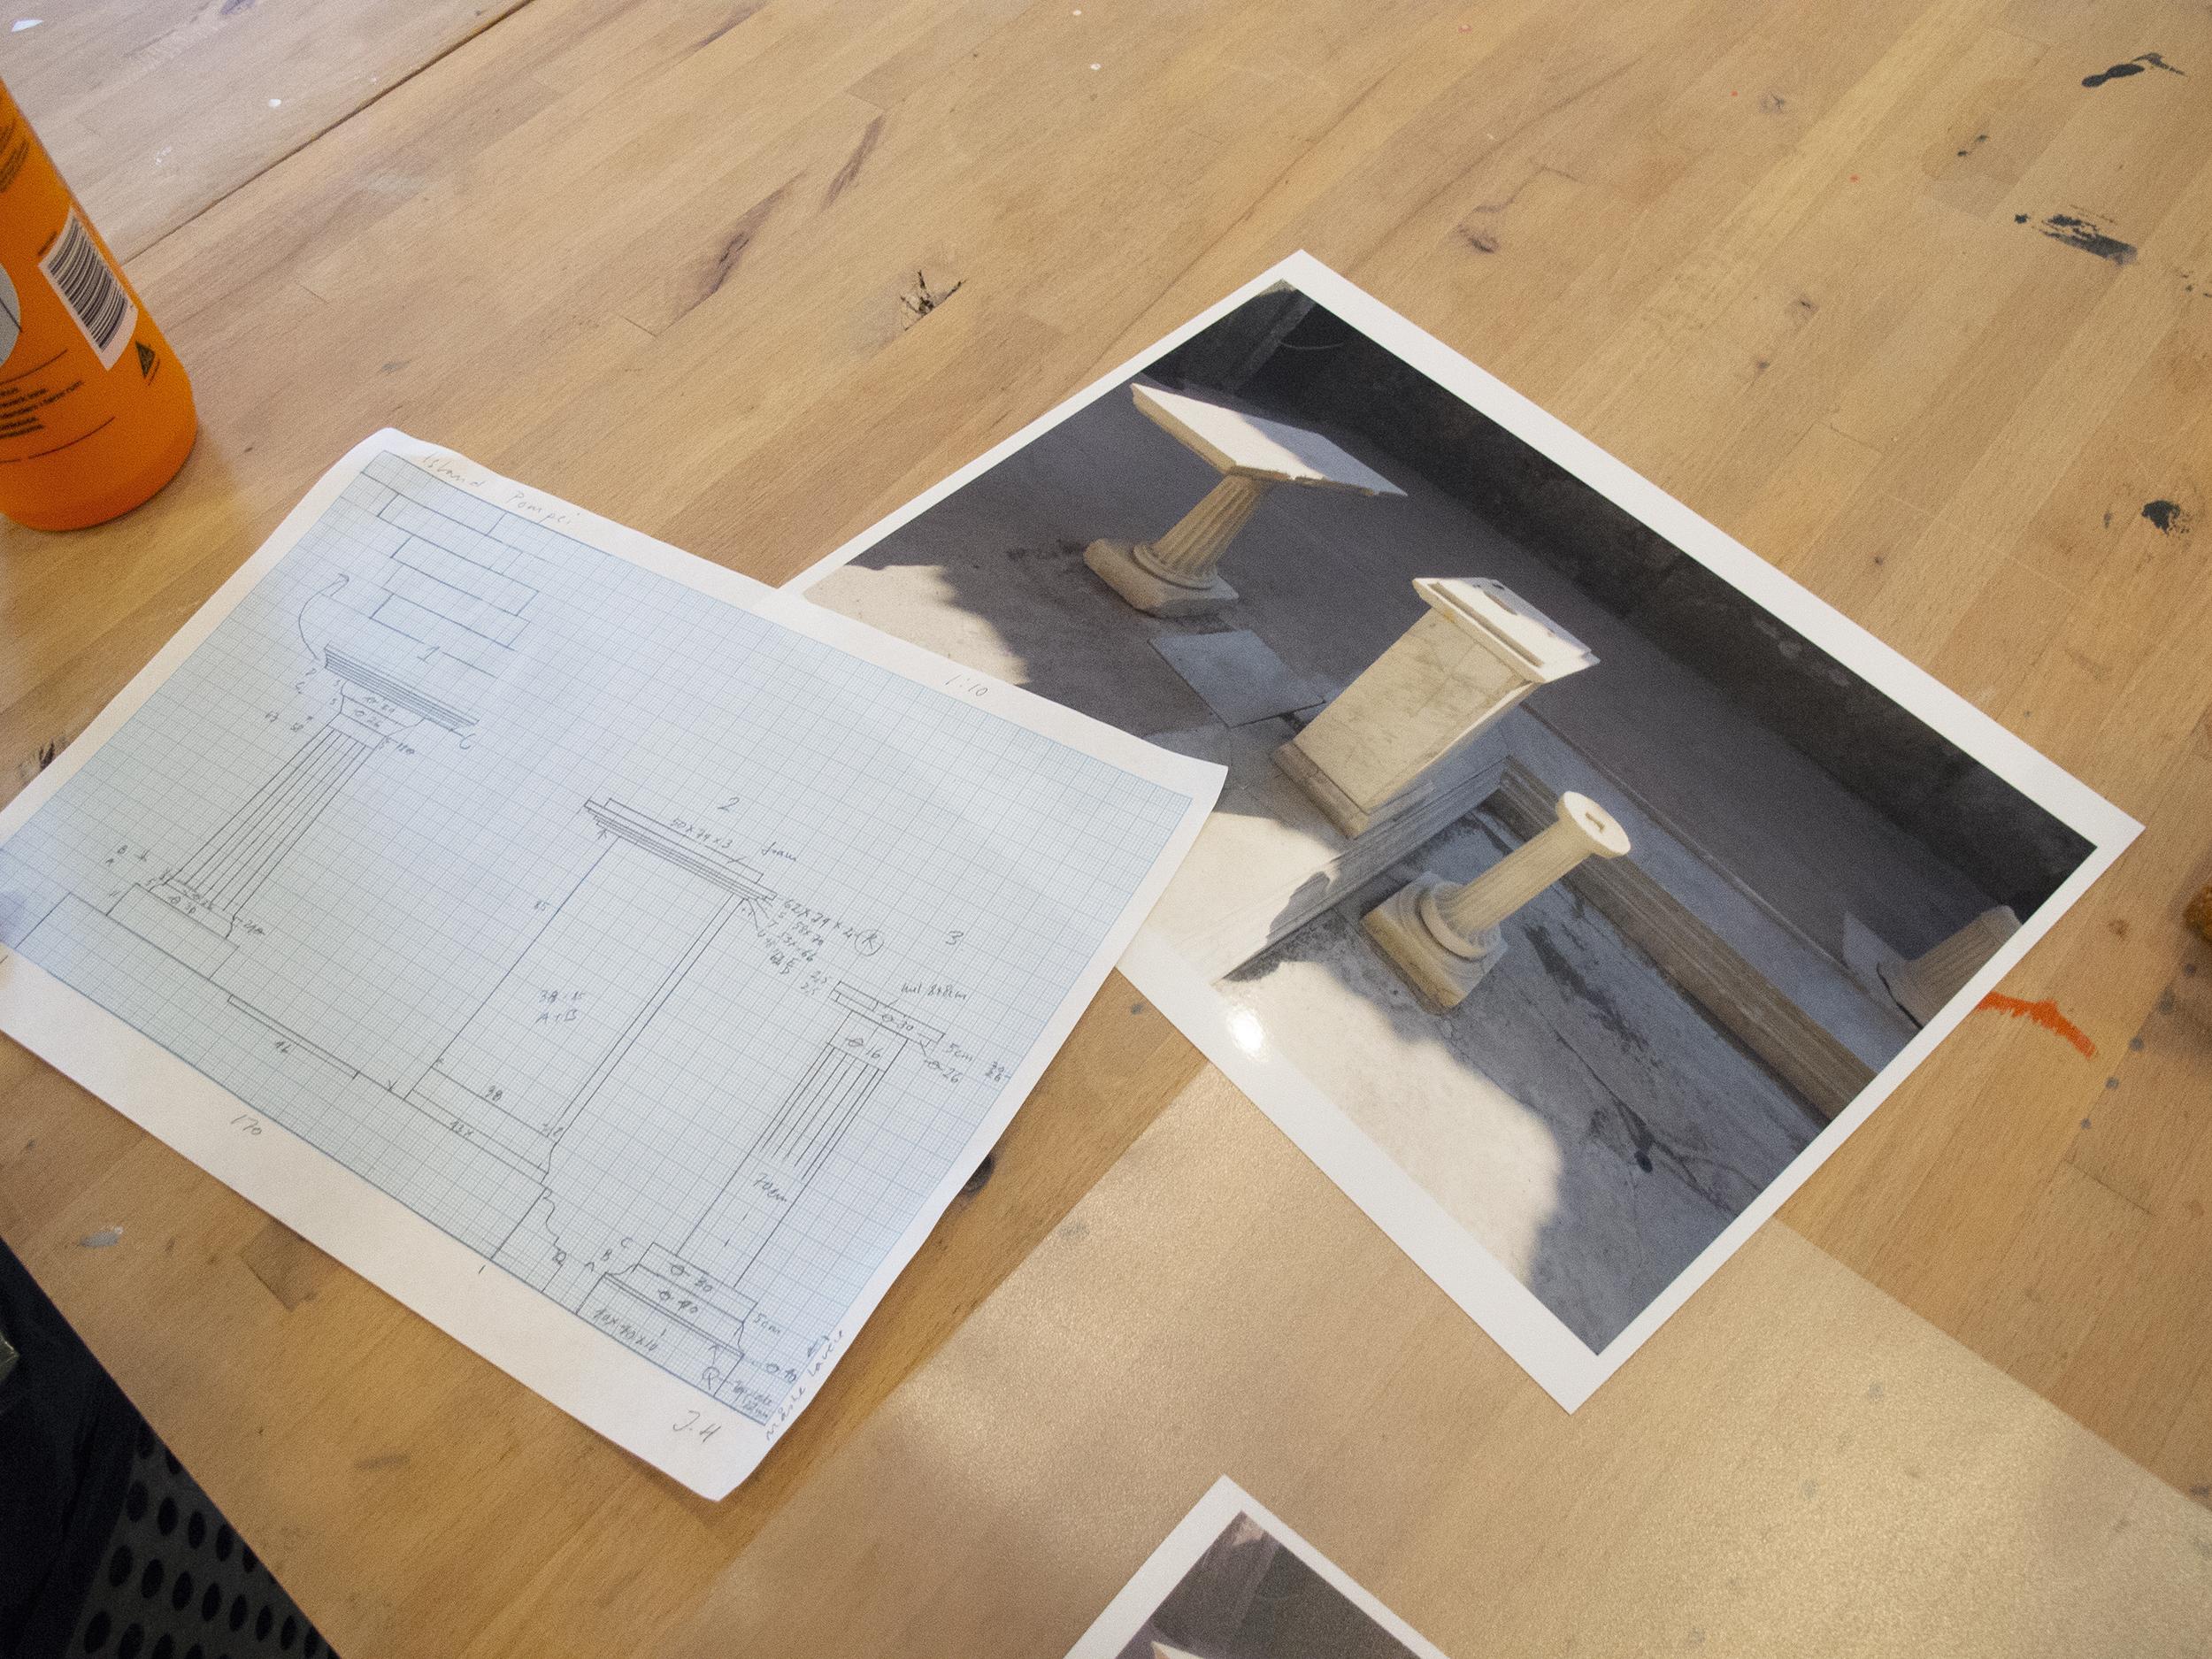 """Jytte Høy - værk til """"Freestyle Island"""", fotografi af sokler i atriumgård ved Pompei"""